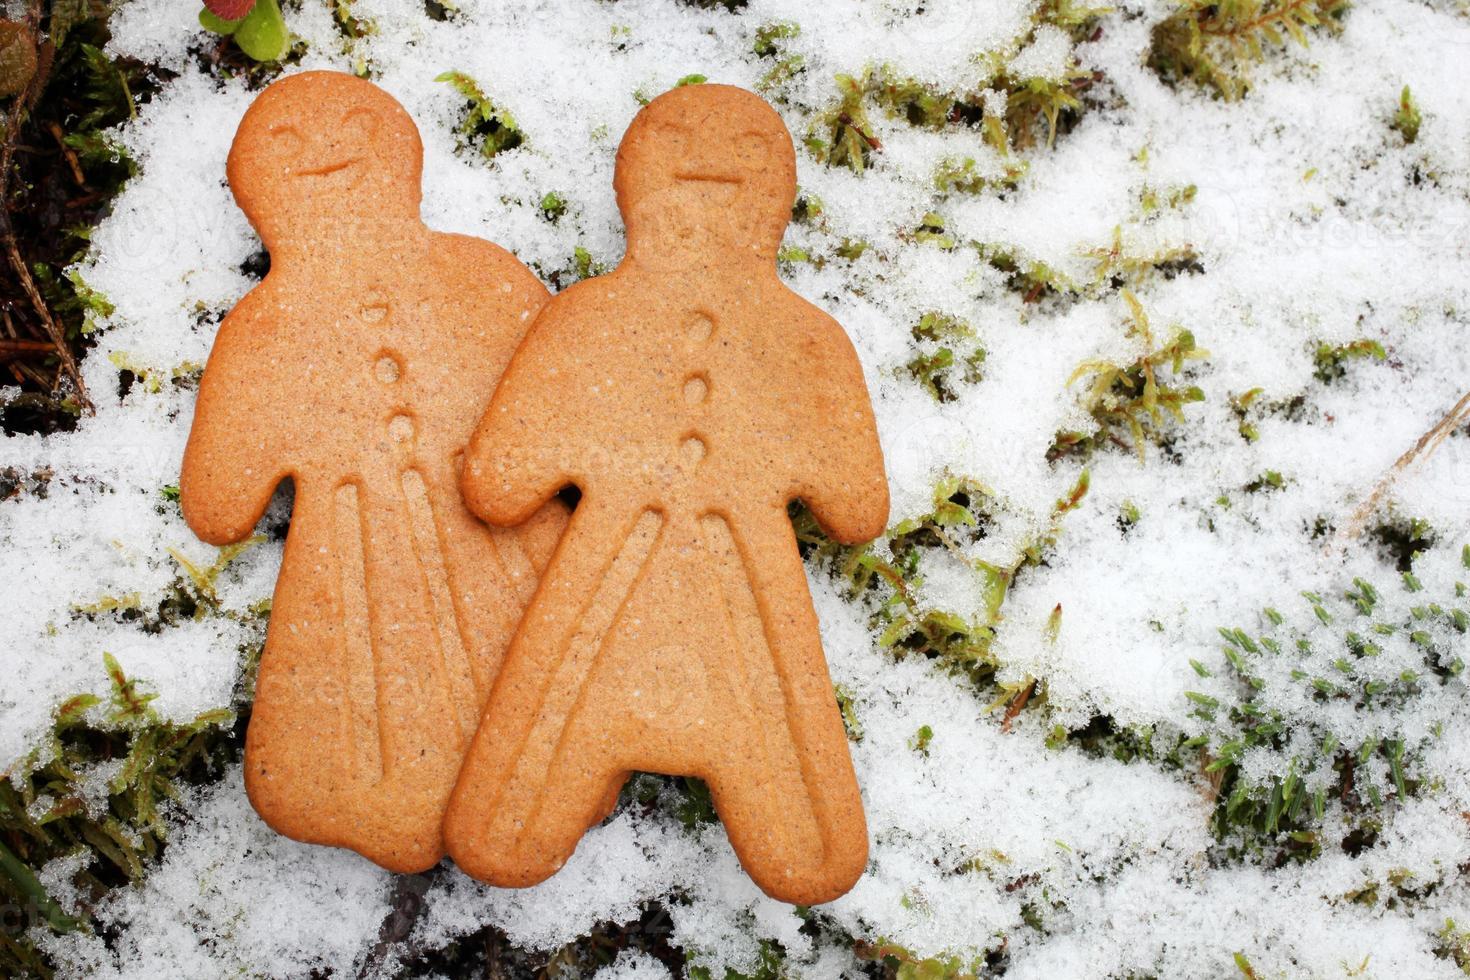 biscoitos de gengibre no fundo do inverno foto